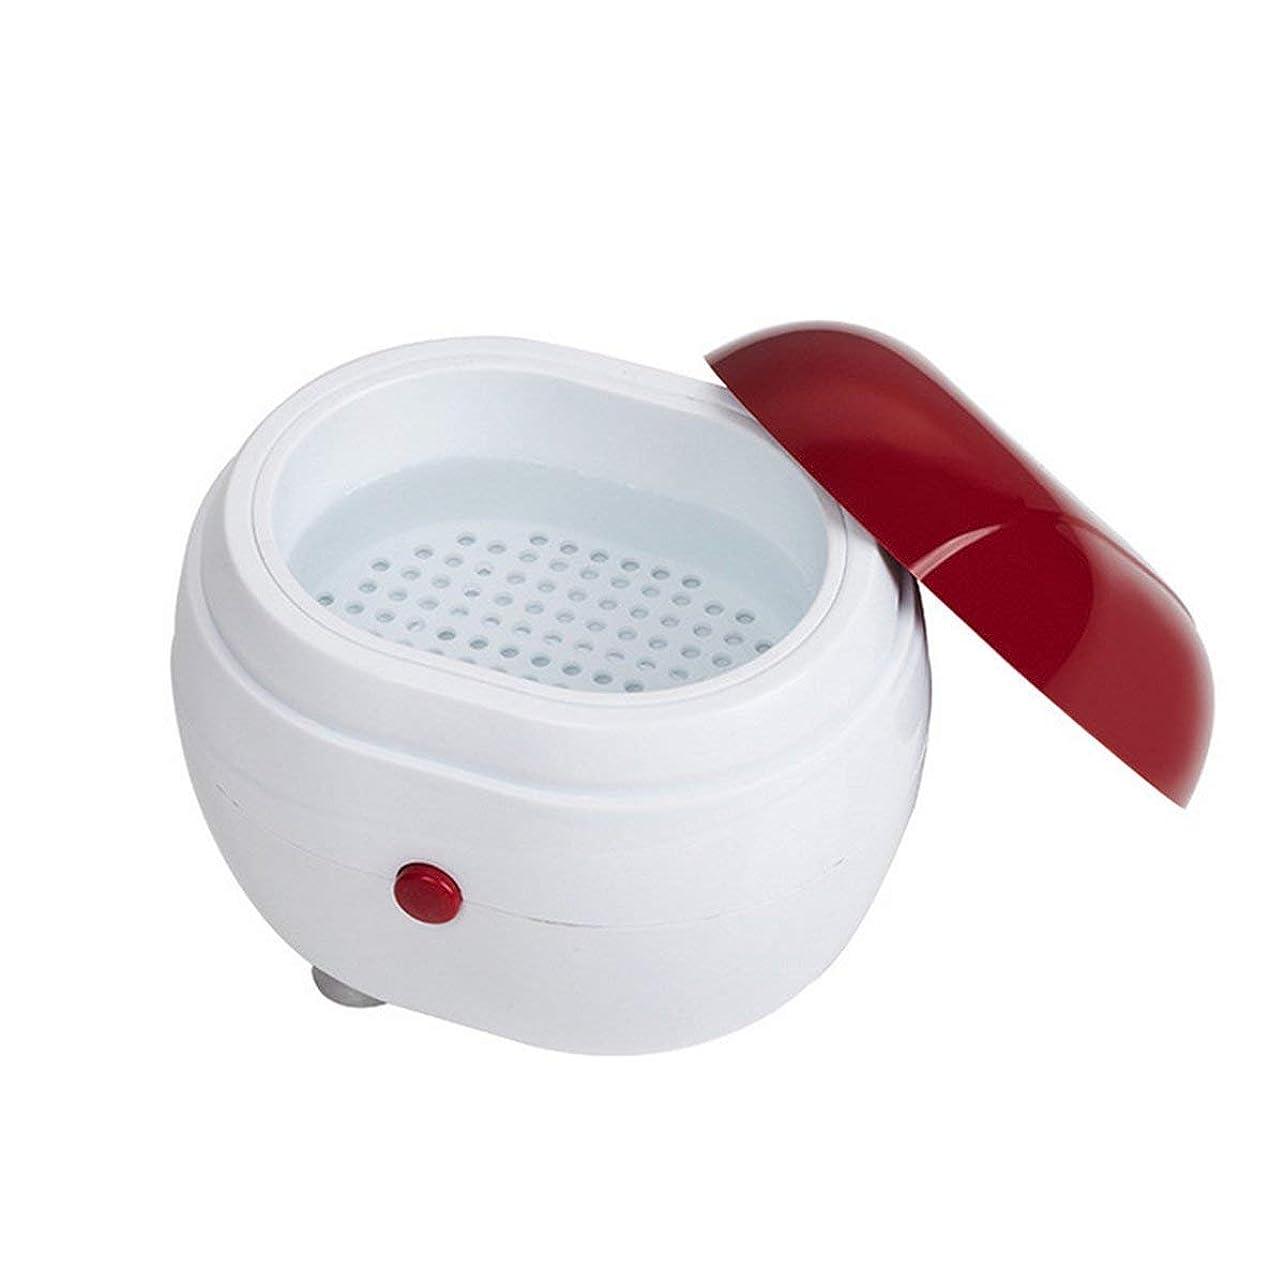 リーダーシップ告白する方程式ポータブル超音波洗濯機家庭用ジュエリーレンズ時計入れ歯クリーニング機洗濯機クリーナークリーニングボックス - 赤&白